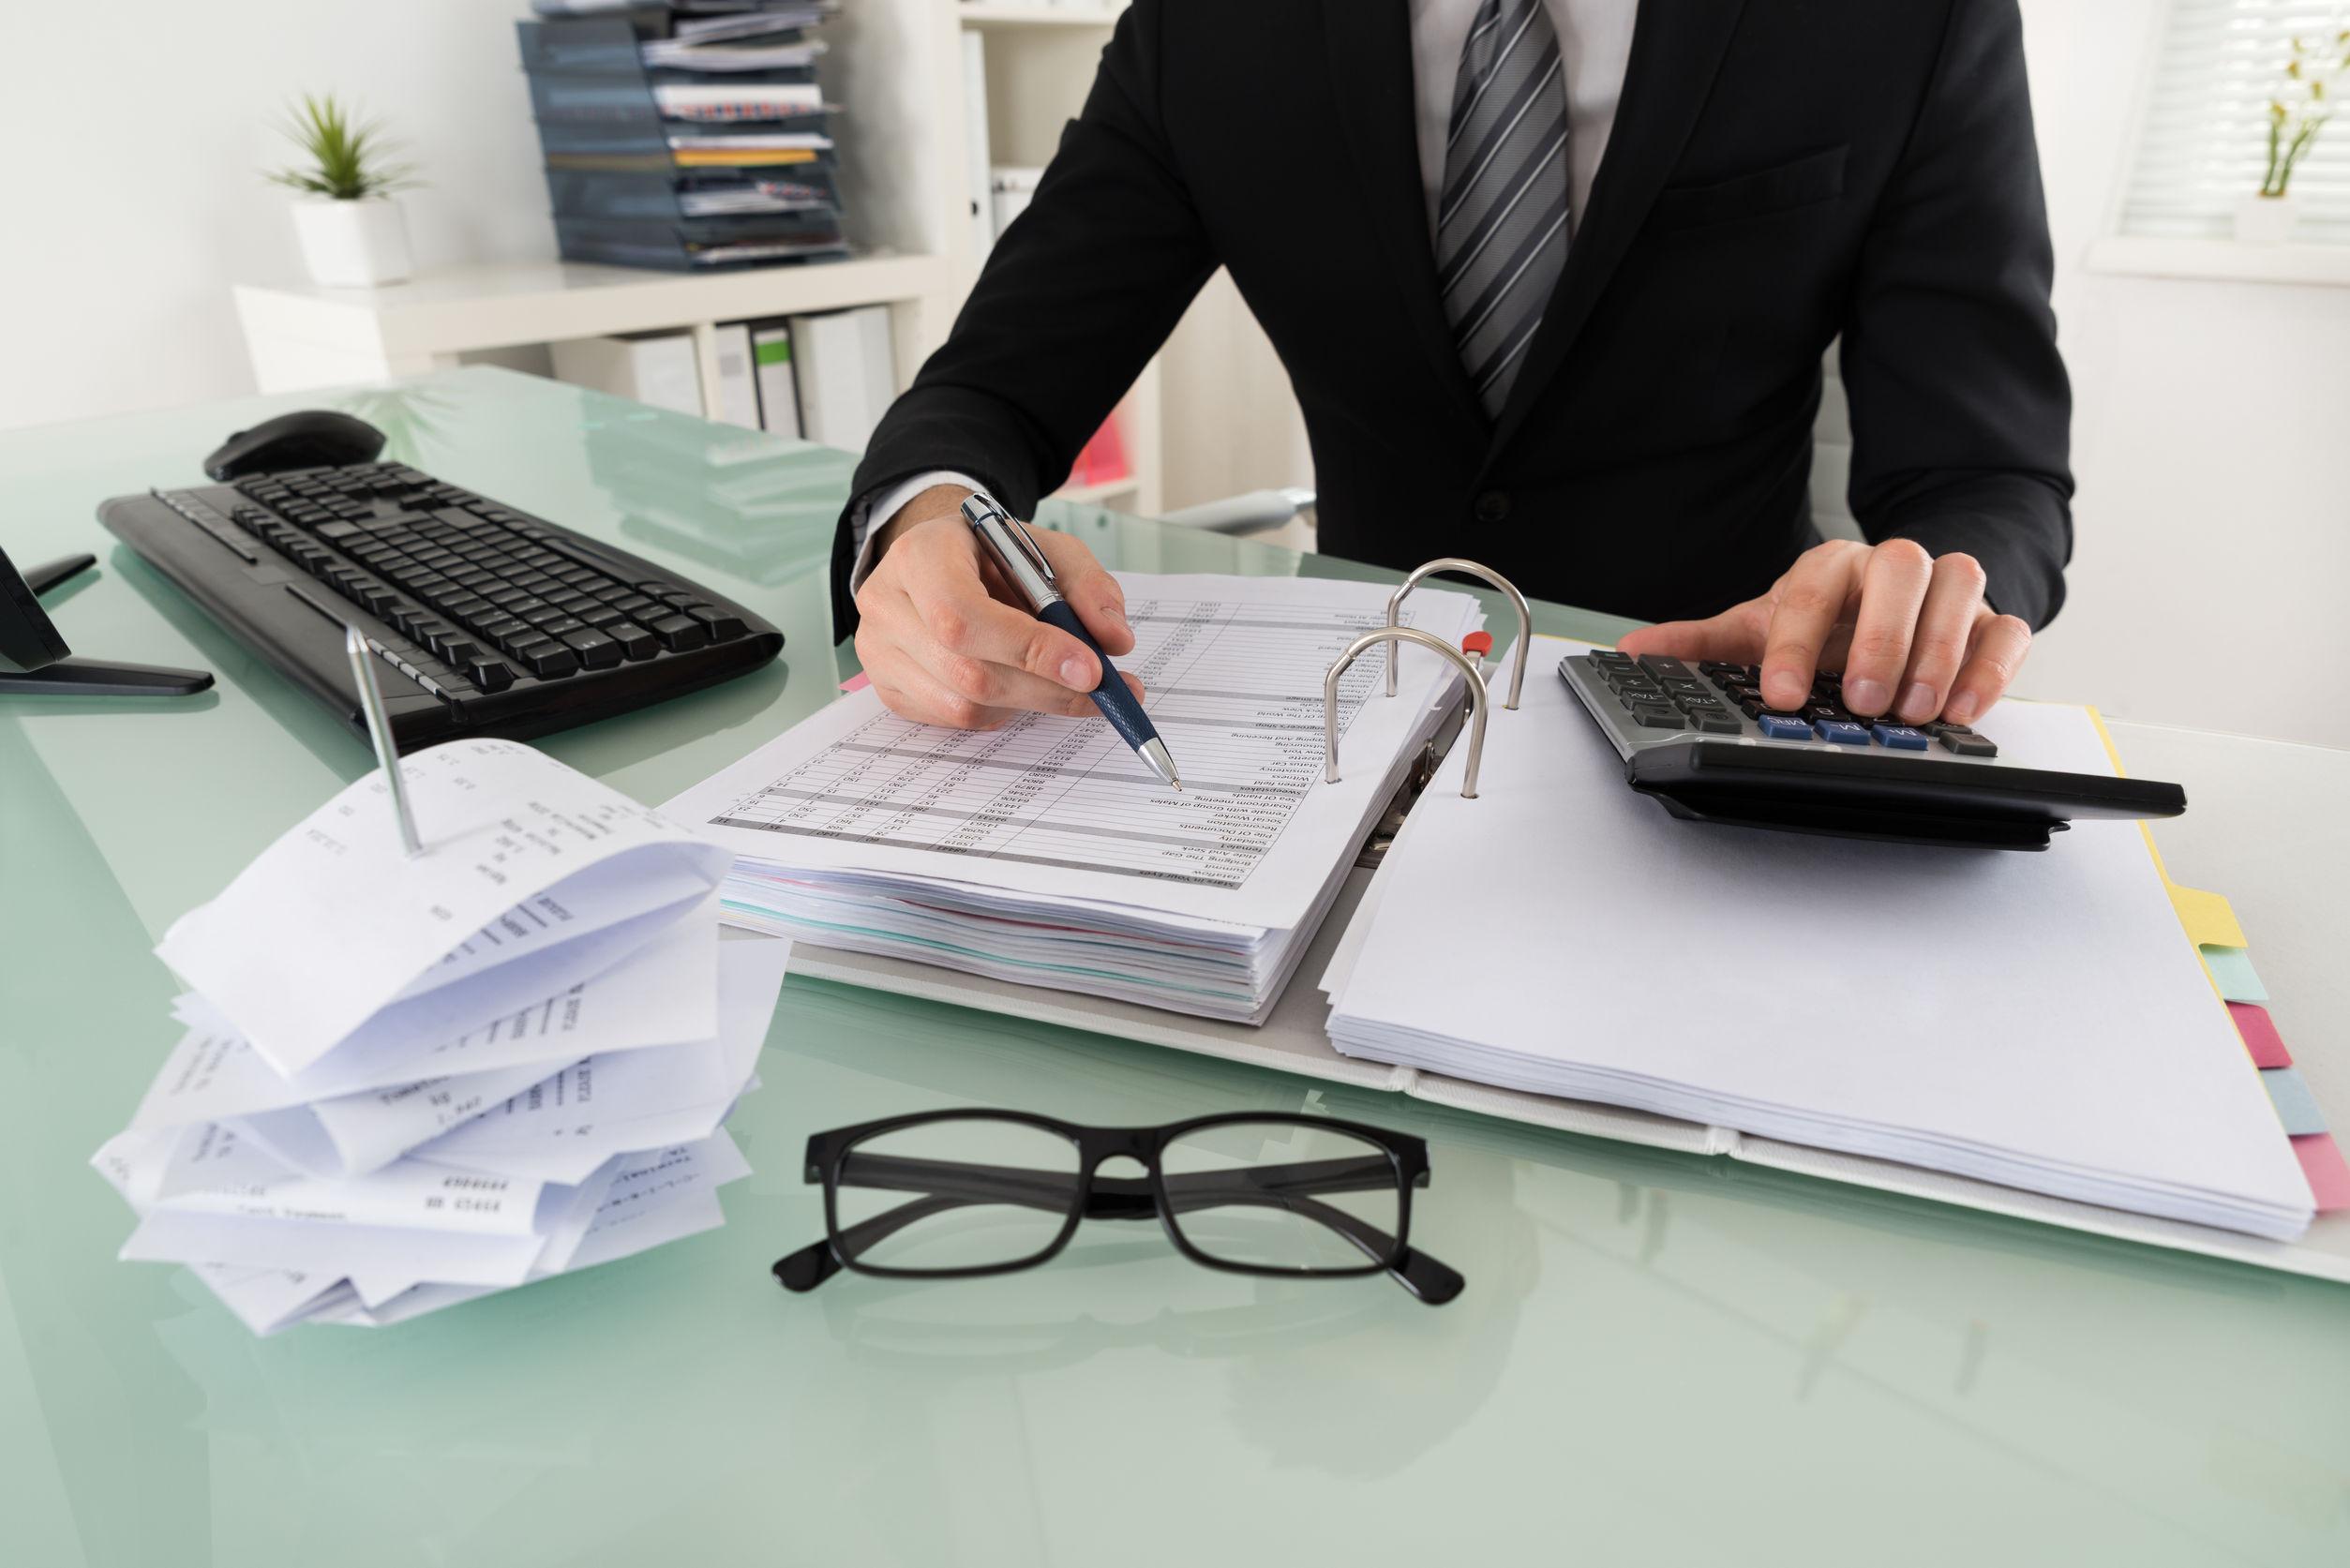 REVOLUŢIA FISCALĂ: Aproape toţi întreprinzătorii susţin că reformele au generat efecte negative